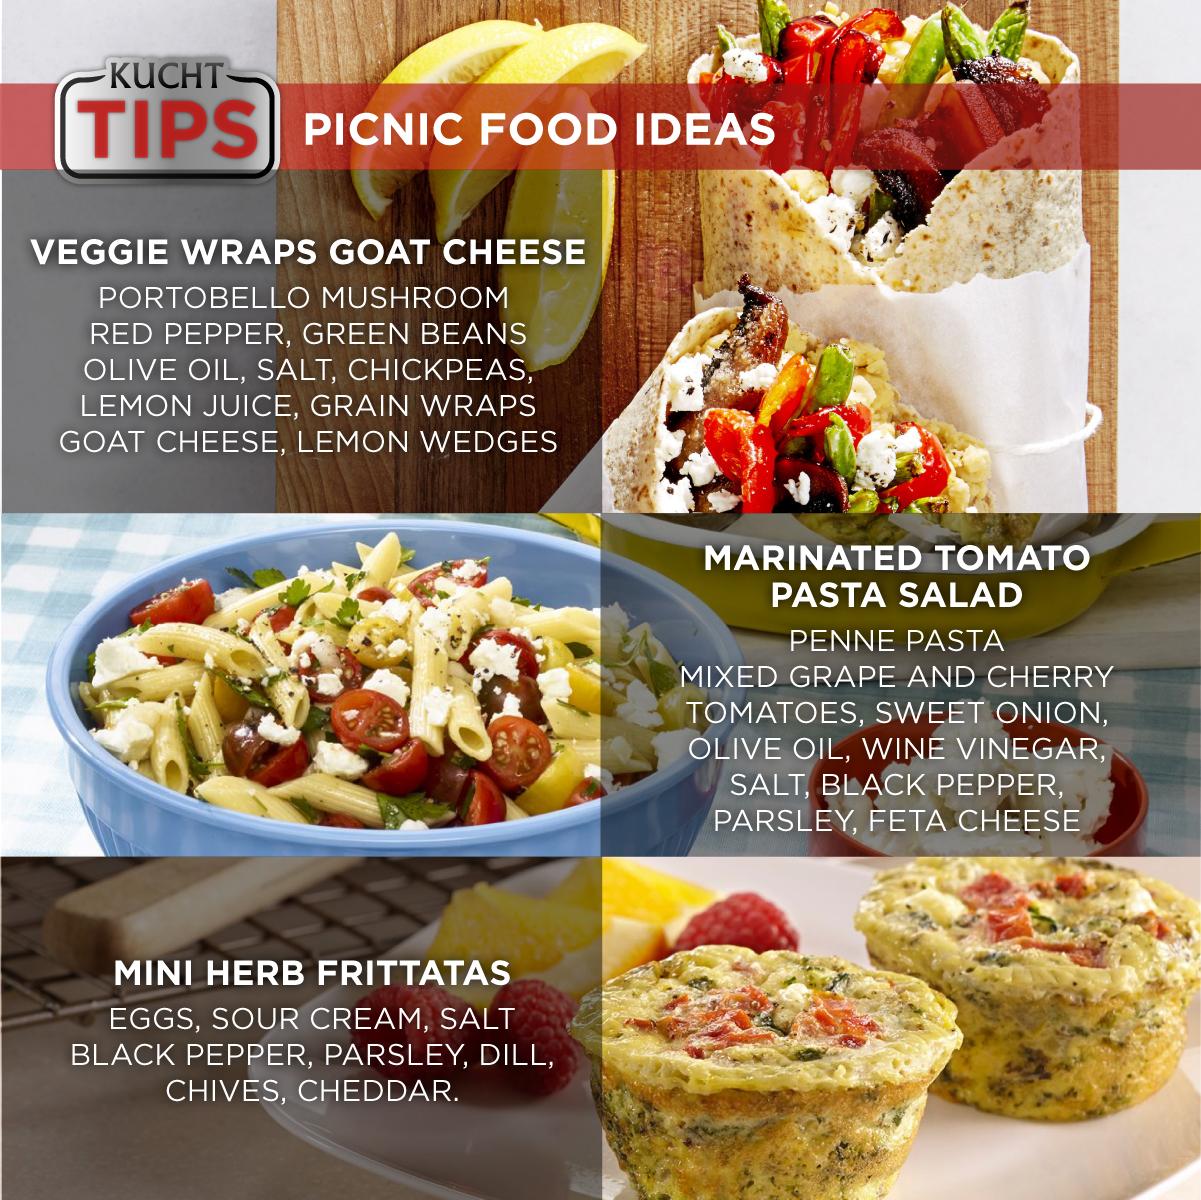 picnic ideas 03 - RECIPES